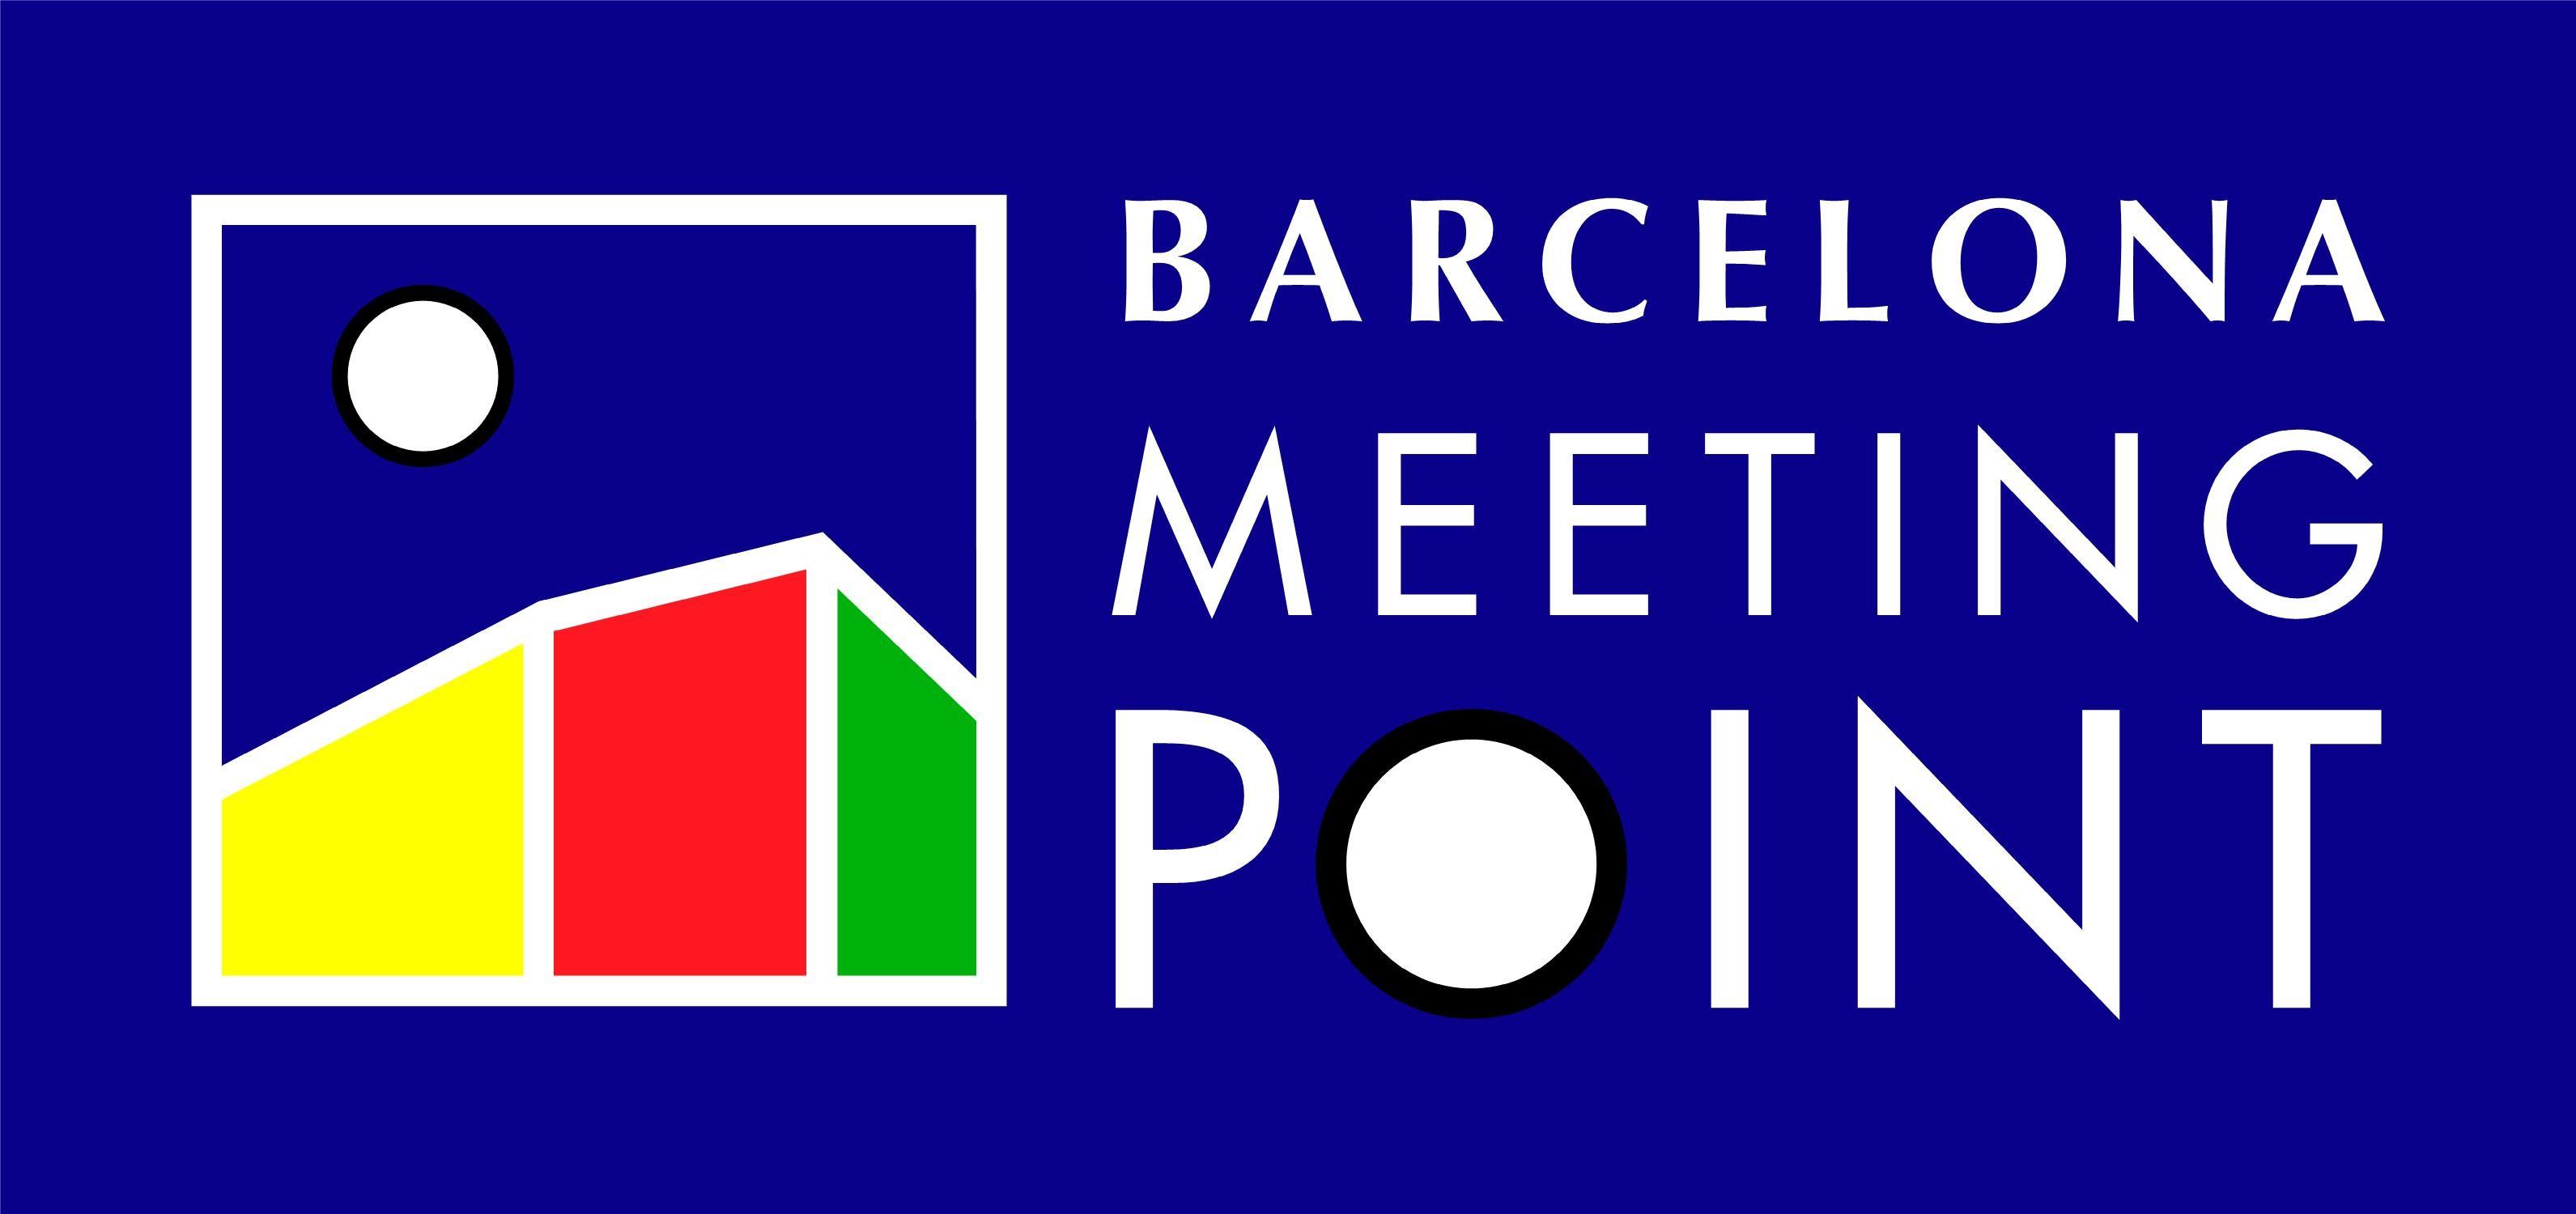 """El Barcelona Meeting Point, el salón inmobiliario internacional de Barcelona, imprimirá este año un """"carácter más social"""" a su edición de este año, que se celebra del 25 al 28 de octubre, de forma que el salón servirá para conocer el estado del sector, pero también como foro para abordar problemas como el derecho a la vivienda. En la presentación del salón, el delegado especial del Estado en el Consorcio de la Zona Franca de Barcelona, Pere Navarro, ha explicado que el BMP será este año un foro donde se analizará """"la evolución del sector"""", pero también """"un lugar donde se reivindique el derecho a la vivienda"""", y para ello se organizará una mesa redonda sobre el problema del acceso a la vivienda con representantes de la Generalitat, del Gobierno y del Ayuntamiento de Barcelona. En este cambio de enfoque estratégico, que se intensificará en las próximas ediciones, ha dicho Navarro, persigue hacer del BMP un salón con más participación de particulares, de forma que los dos primeros días estarán más centrados en el visitantes profesional y los dos últimos en los ciudadanos, y para ello se han diseñado una serie de charlas inmobiliarias gratuitas. """"La vivienda es un derecho muy importante para las personas"""", y el BMP quiere el """"punto de encuentro"""" en el que se aborde este problema social desde todas las perspectivas, ha dicho el delegado especial del Estado en el CZFB, que organiza este salón. Otra novedad de esta edición es que el BMP reivindicará la presencia de la mujer en un sector tradicionalmente tan masculino como el inmobiliario, y por ello ha organizado una mesa redonda de debate a cargo del colectivo WIRES (Women in Real Estate Spain) donde participarán directivas como Carmina Ganyet (Colonial). En la 22 edición del BMP participarán 280 empresas, 15 más que el año pasado, de 21 países, y el Symposium organizado en el marco de este salón atraerá a importantes directivos del sector inmobiliario, tanto nacionales como extranjeros. En concreto, participarán en el Sy"""